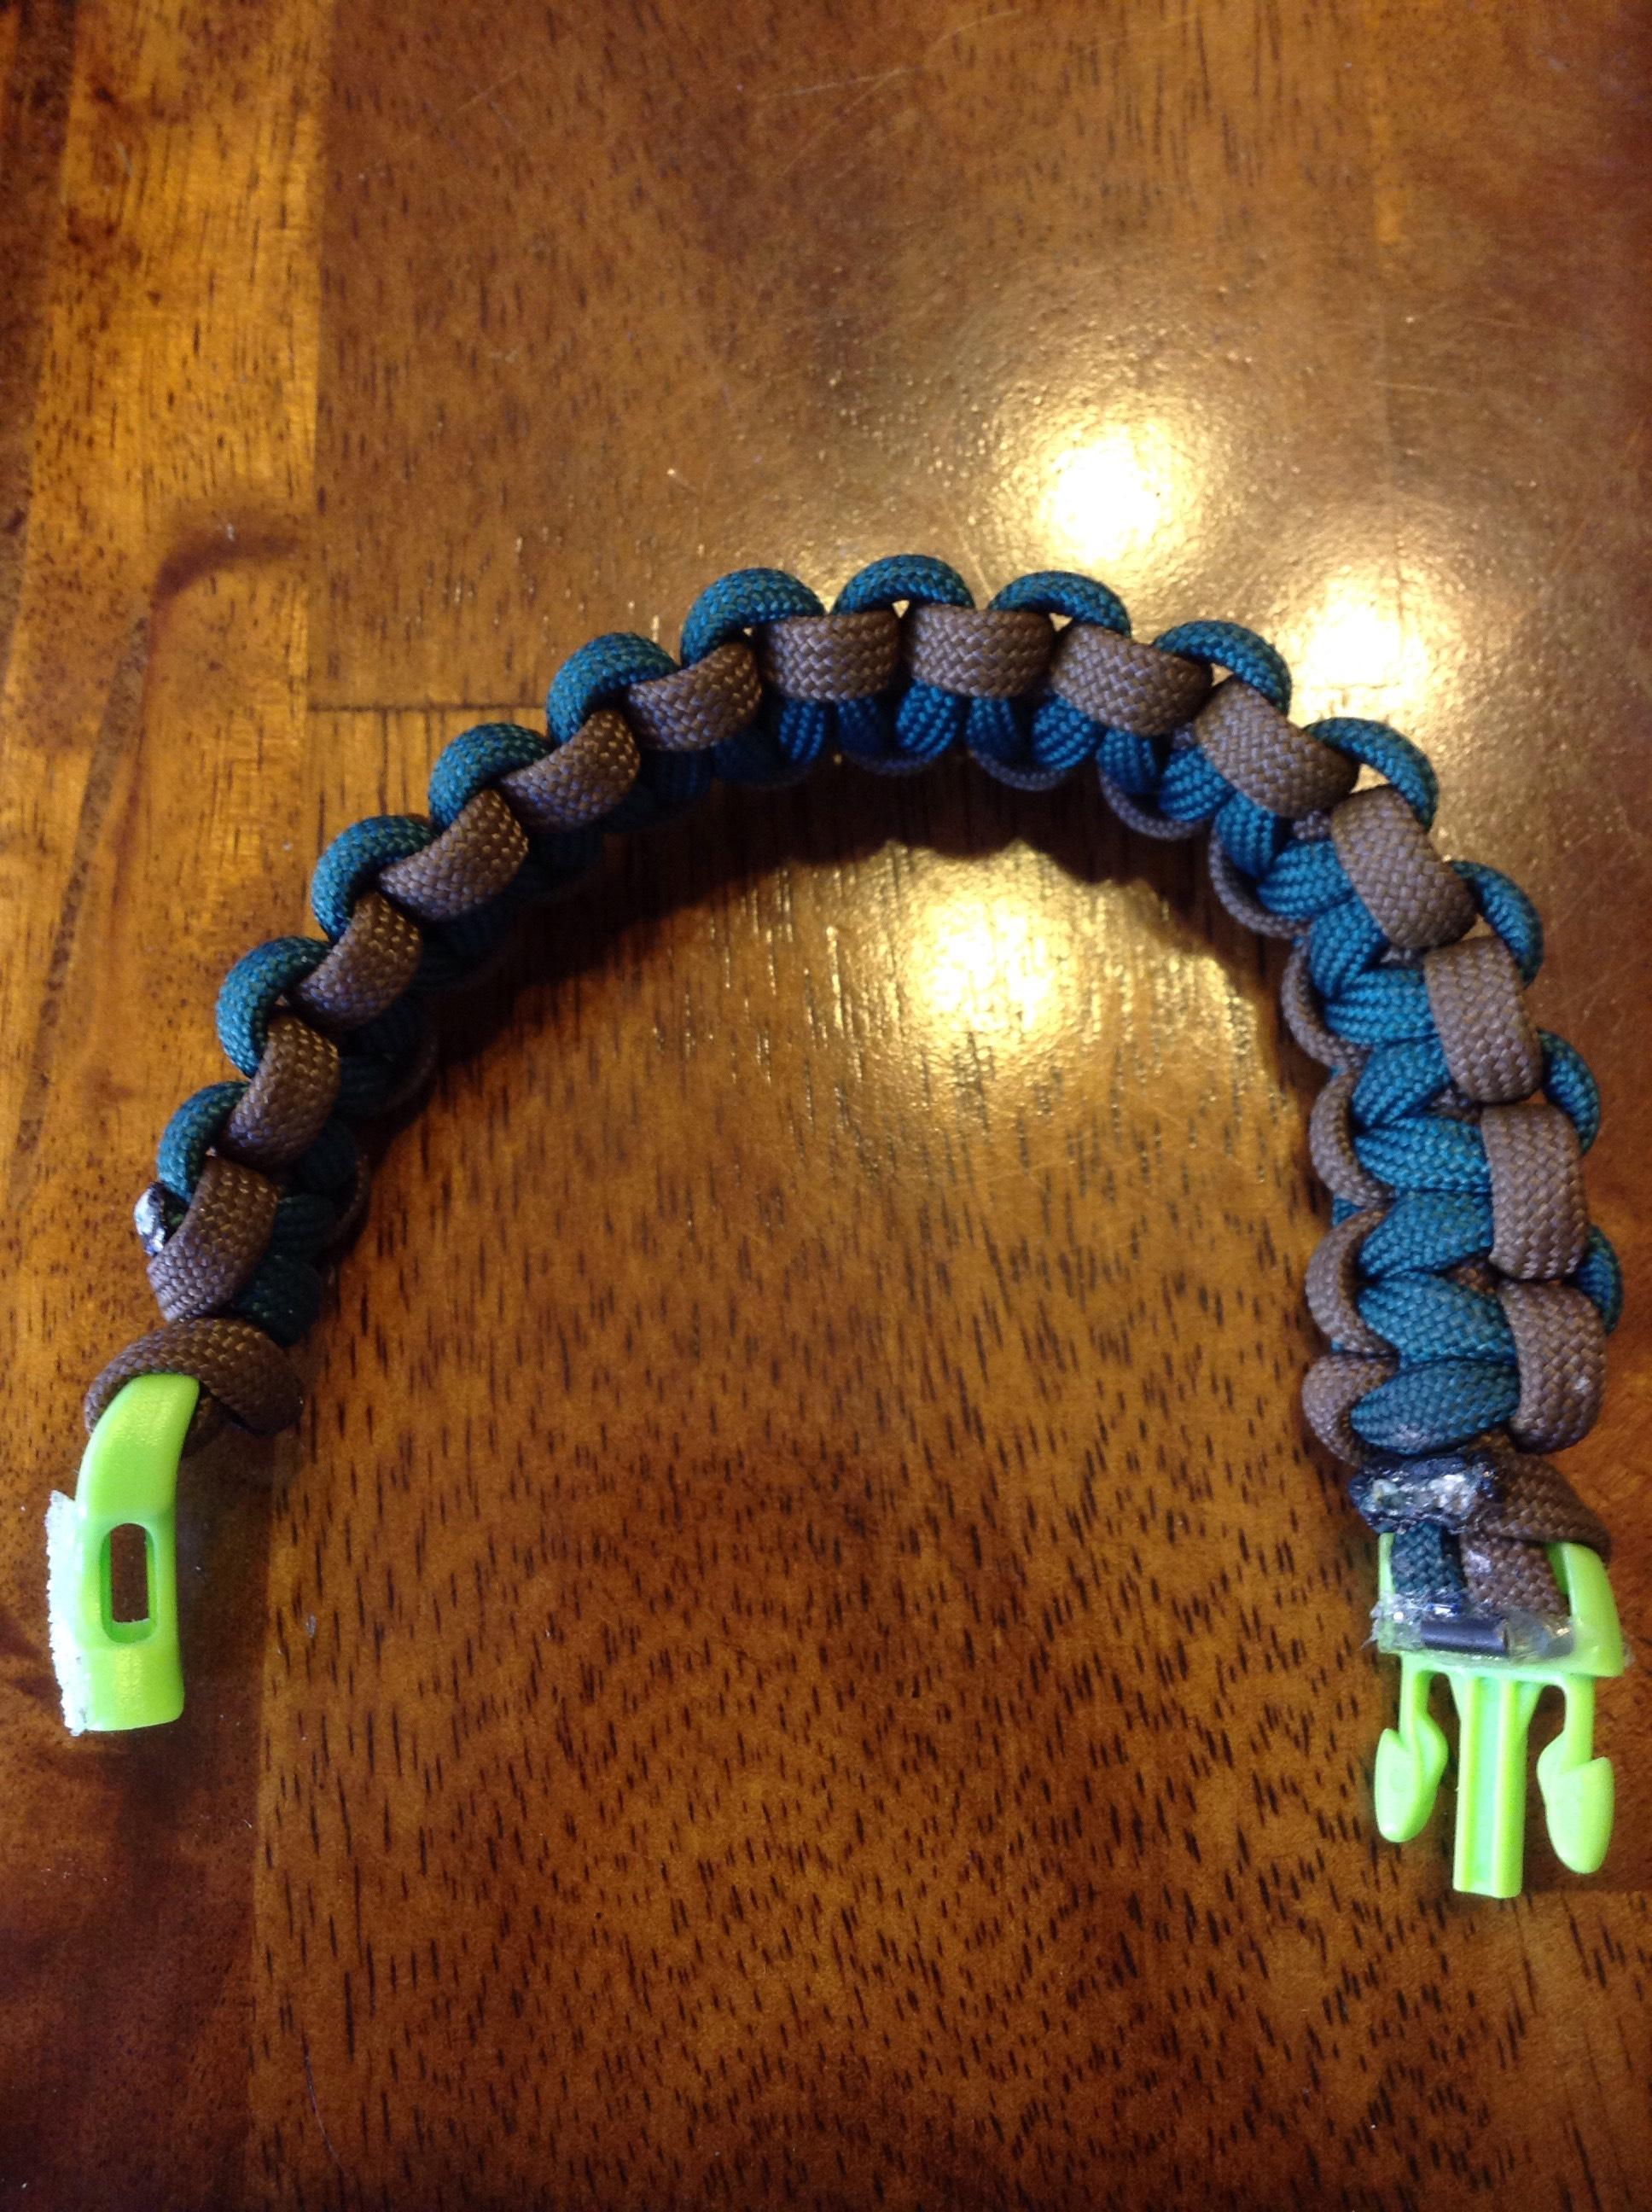 Survival Bracelet With Flint